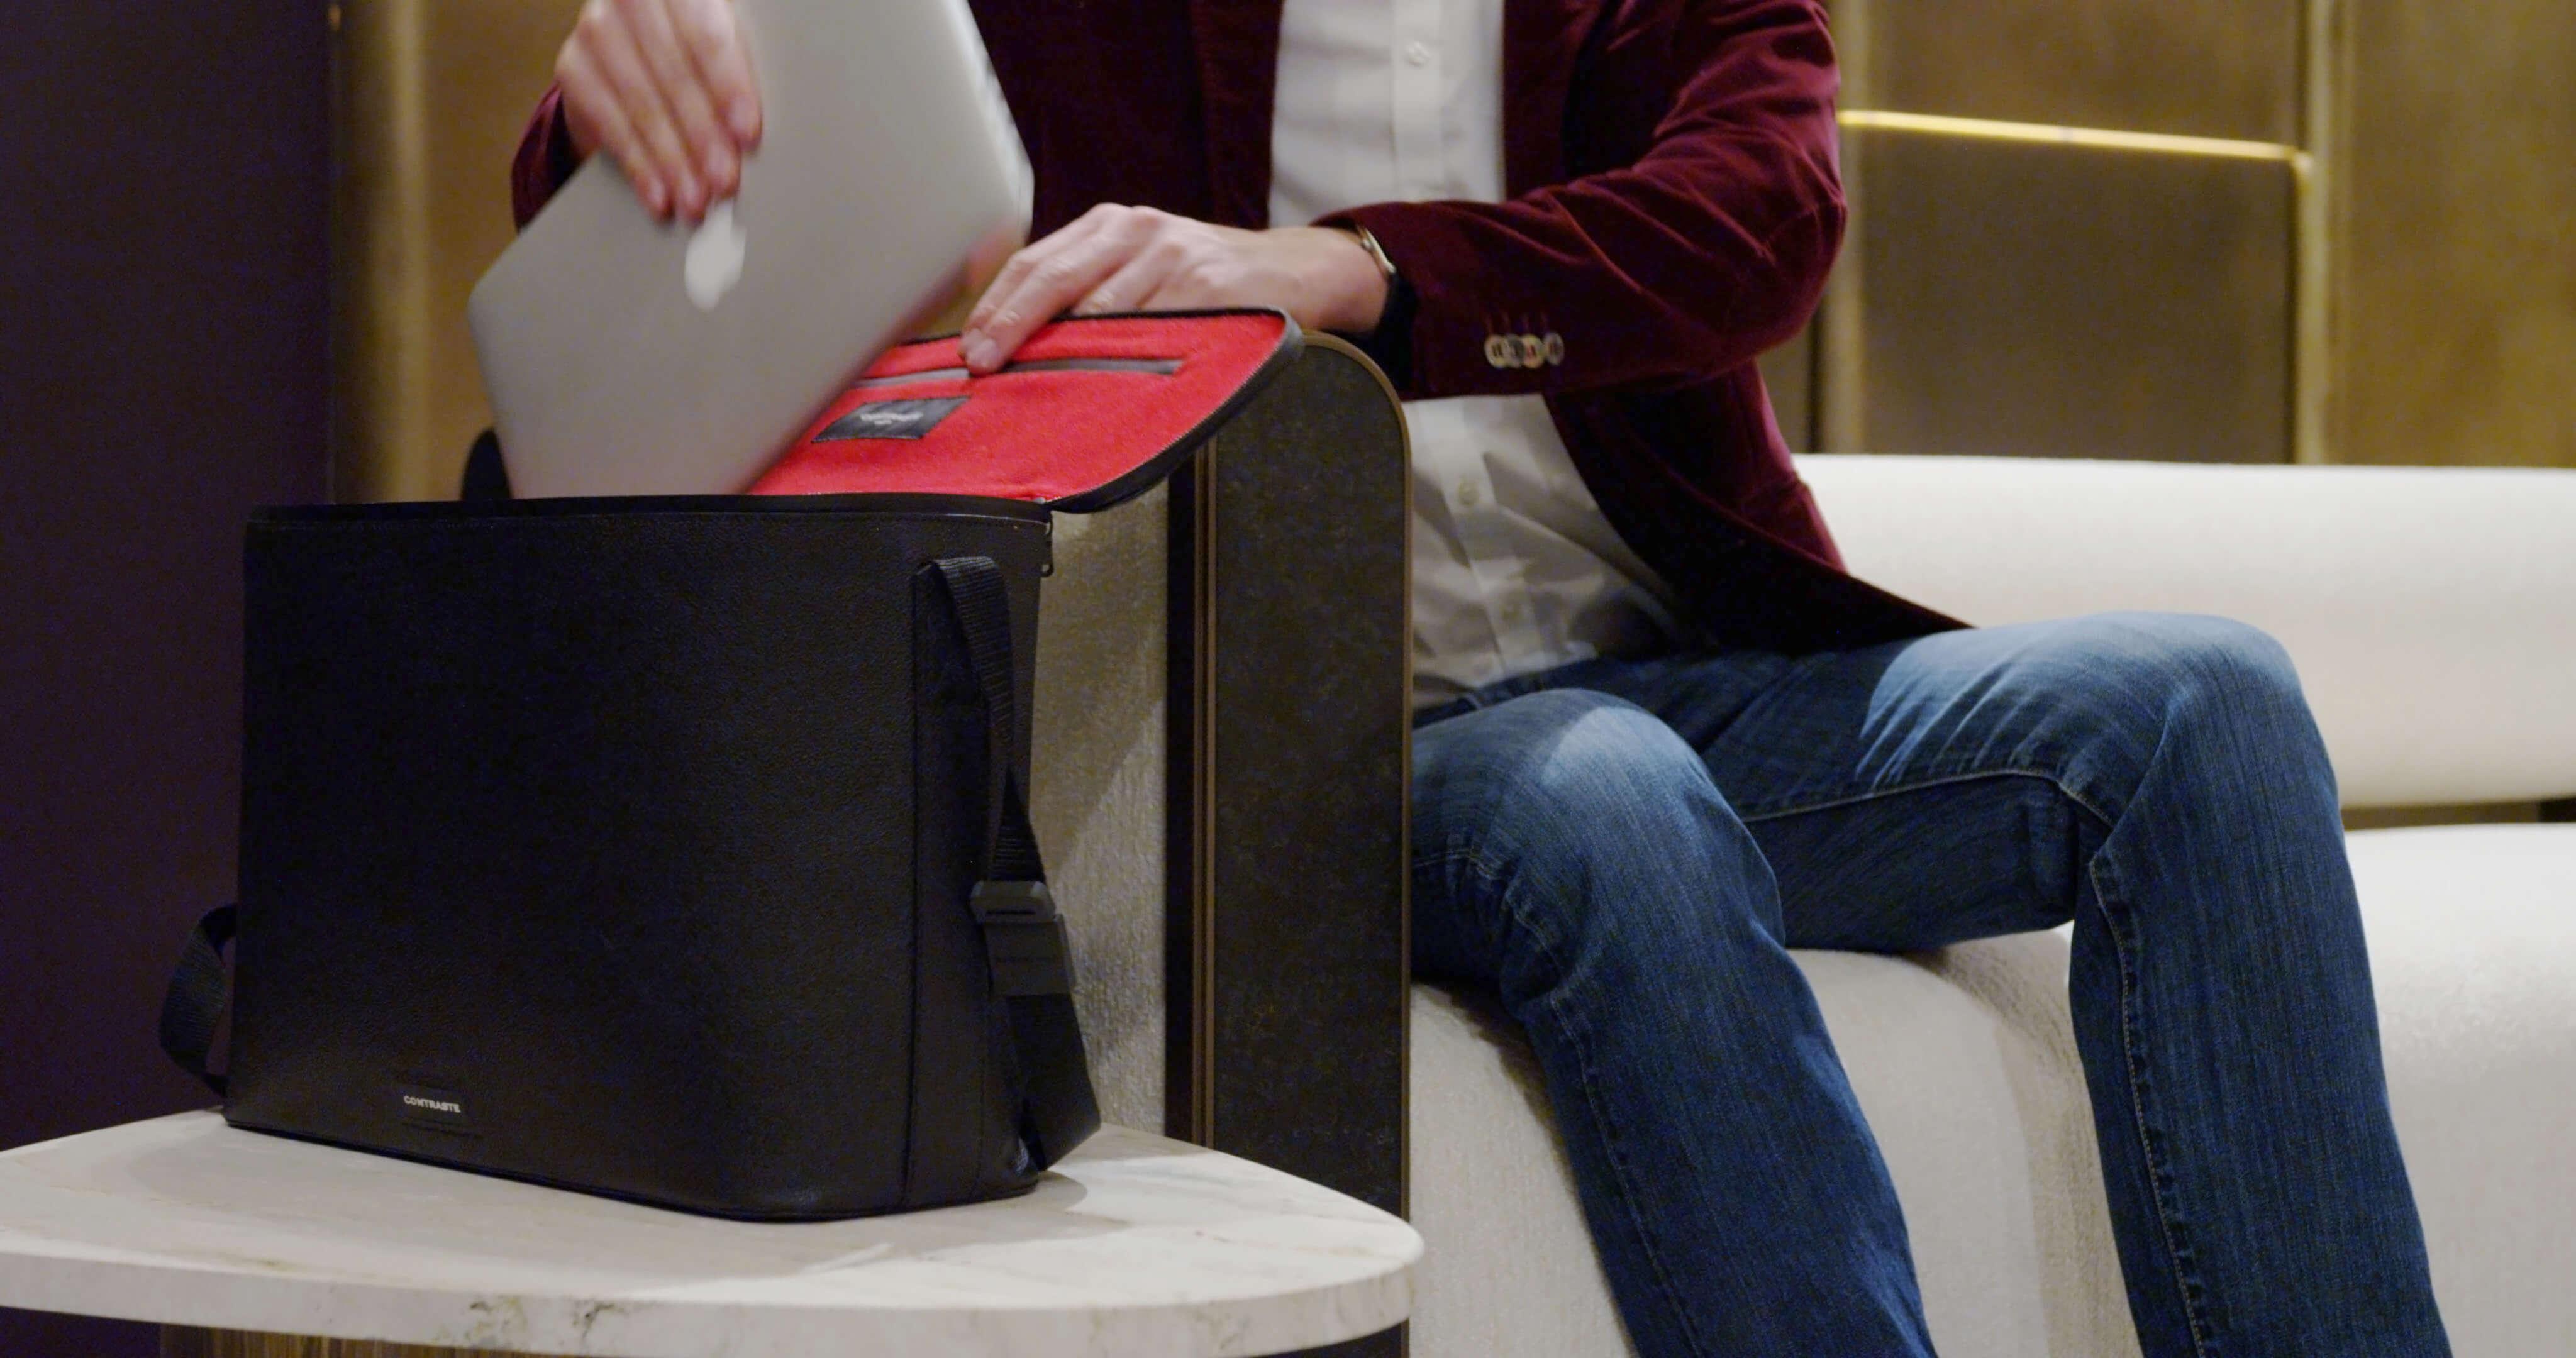 sac photo bandoulière contraste paris cuir noir étanche voyage photographe compact messenger leica ordinateur femme randonnée compact